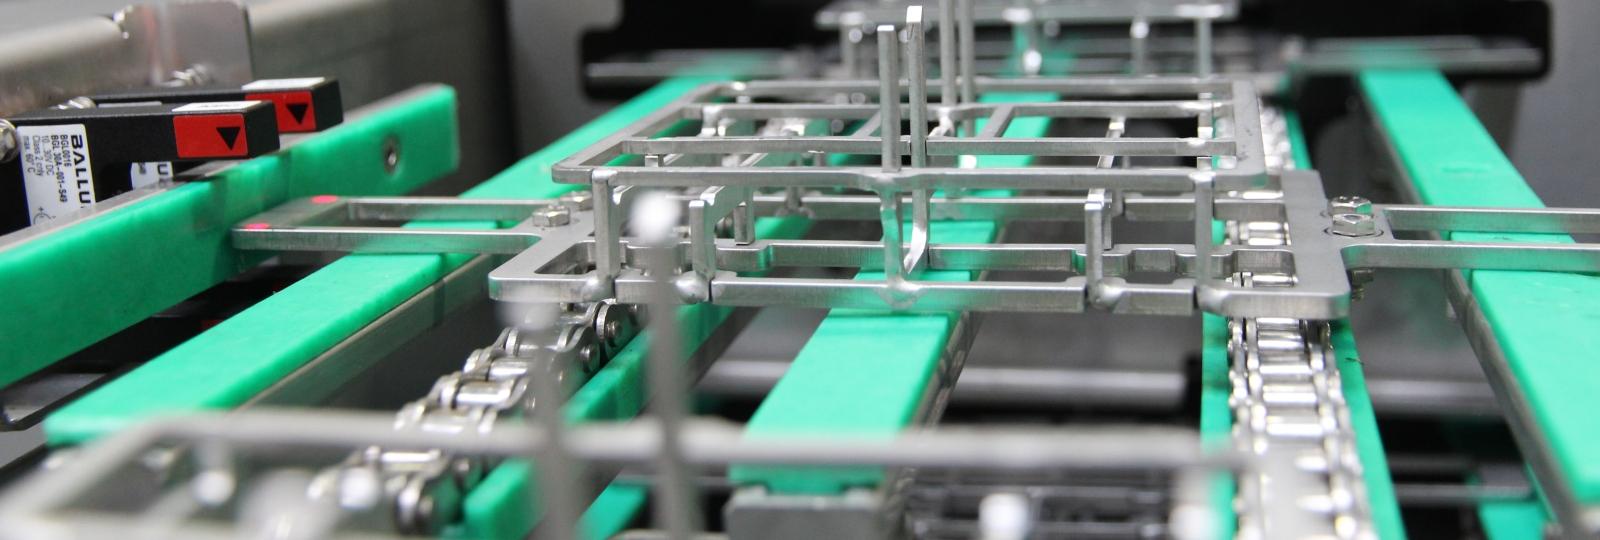 Waschgerechter Warenträger bei einer Durchlaufanlage